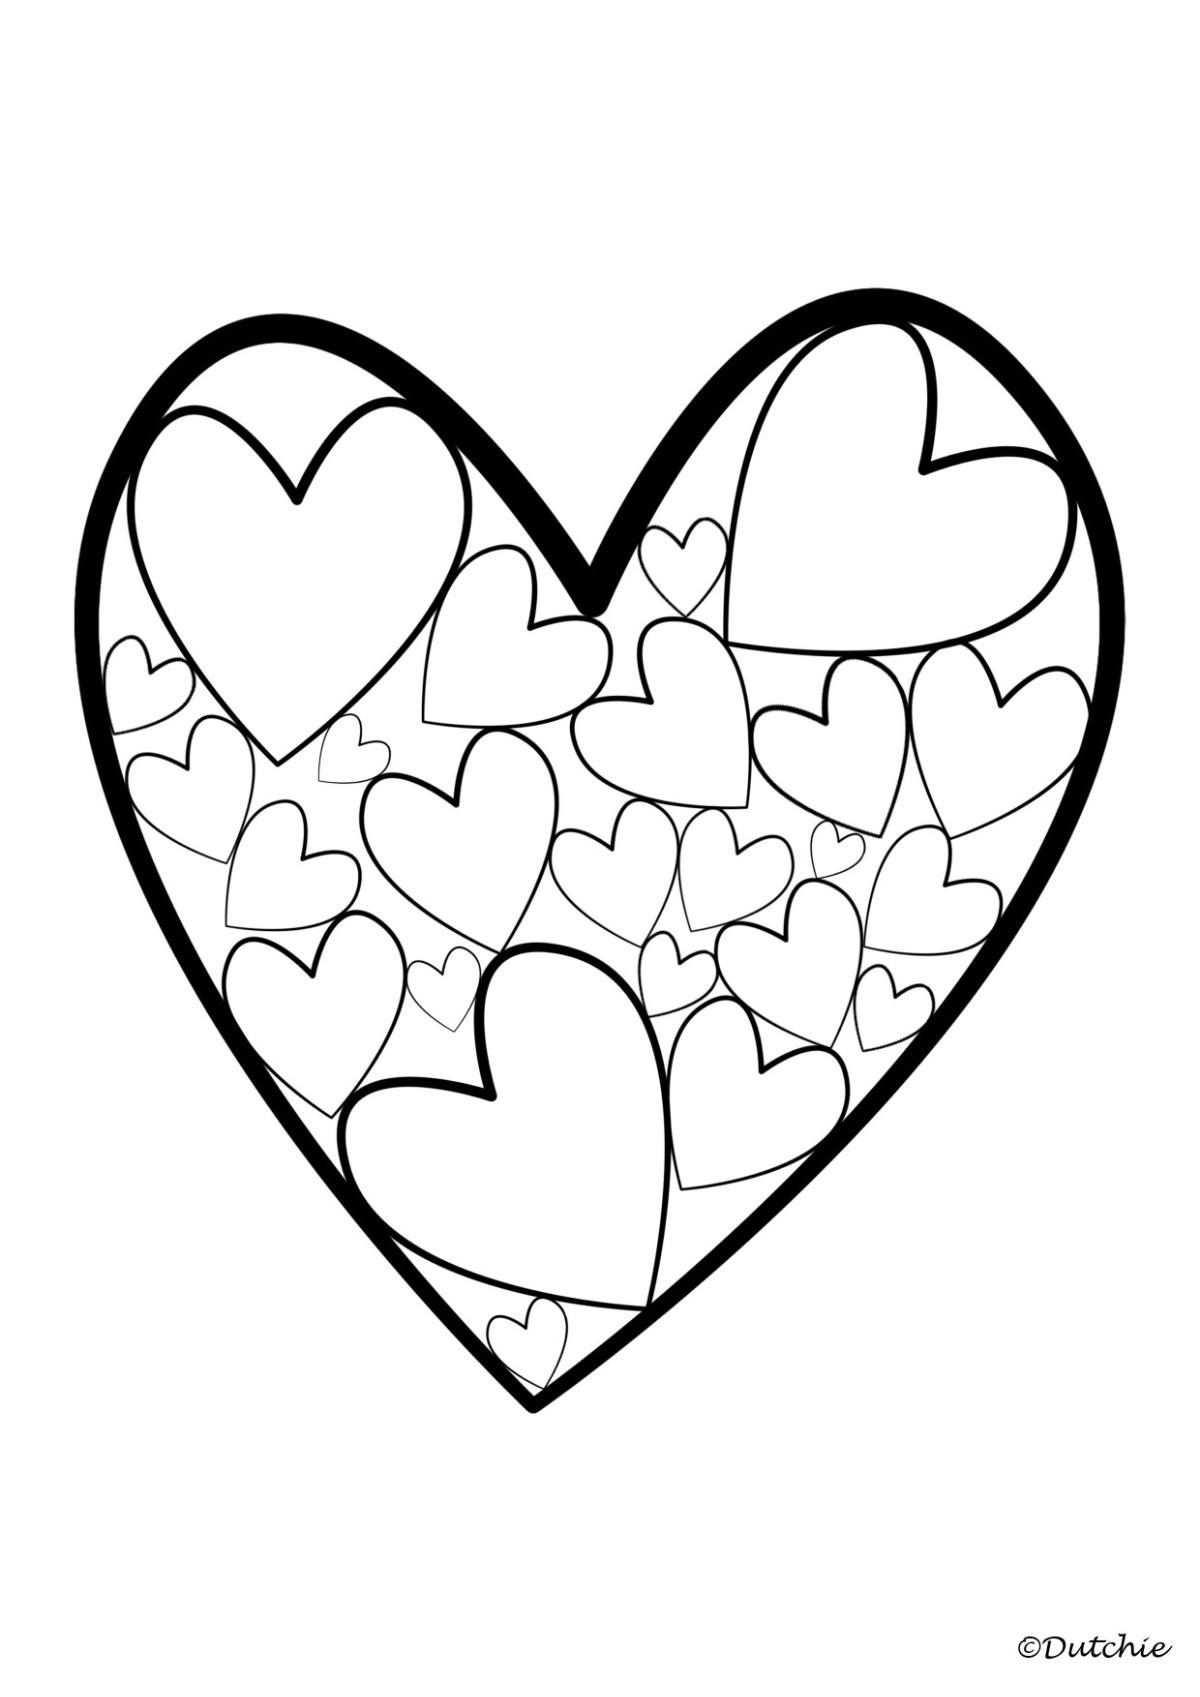 kleurplaat liefde hart